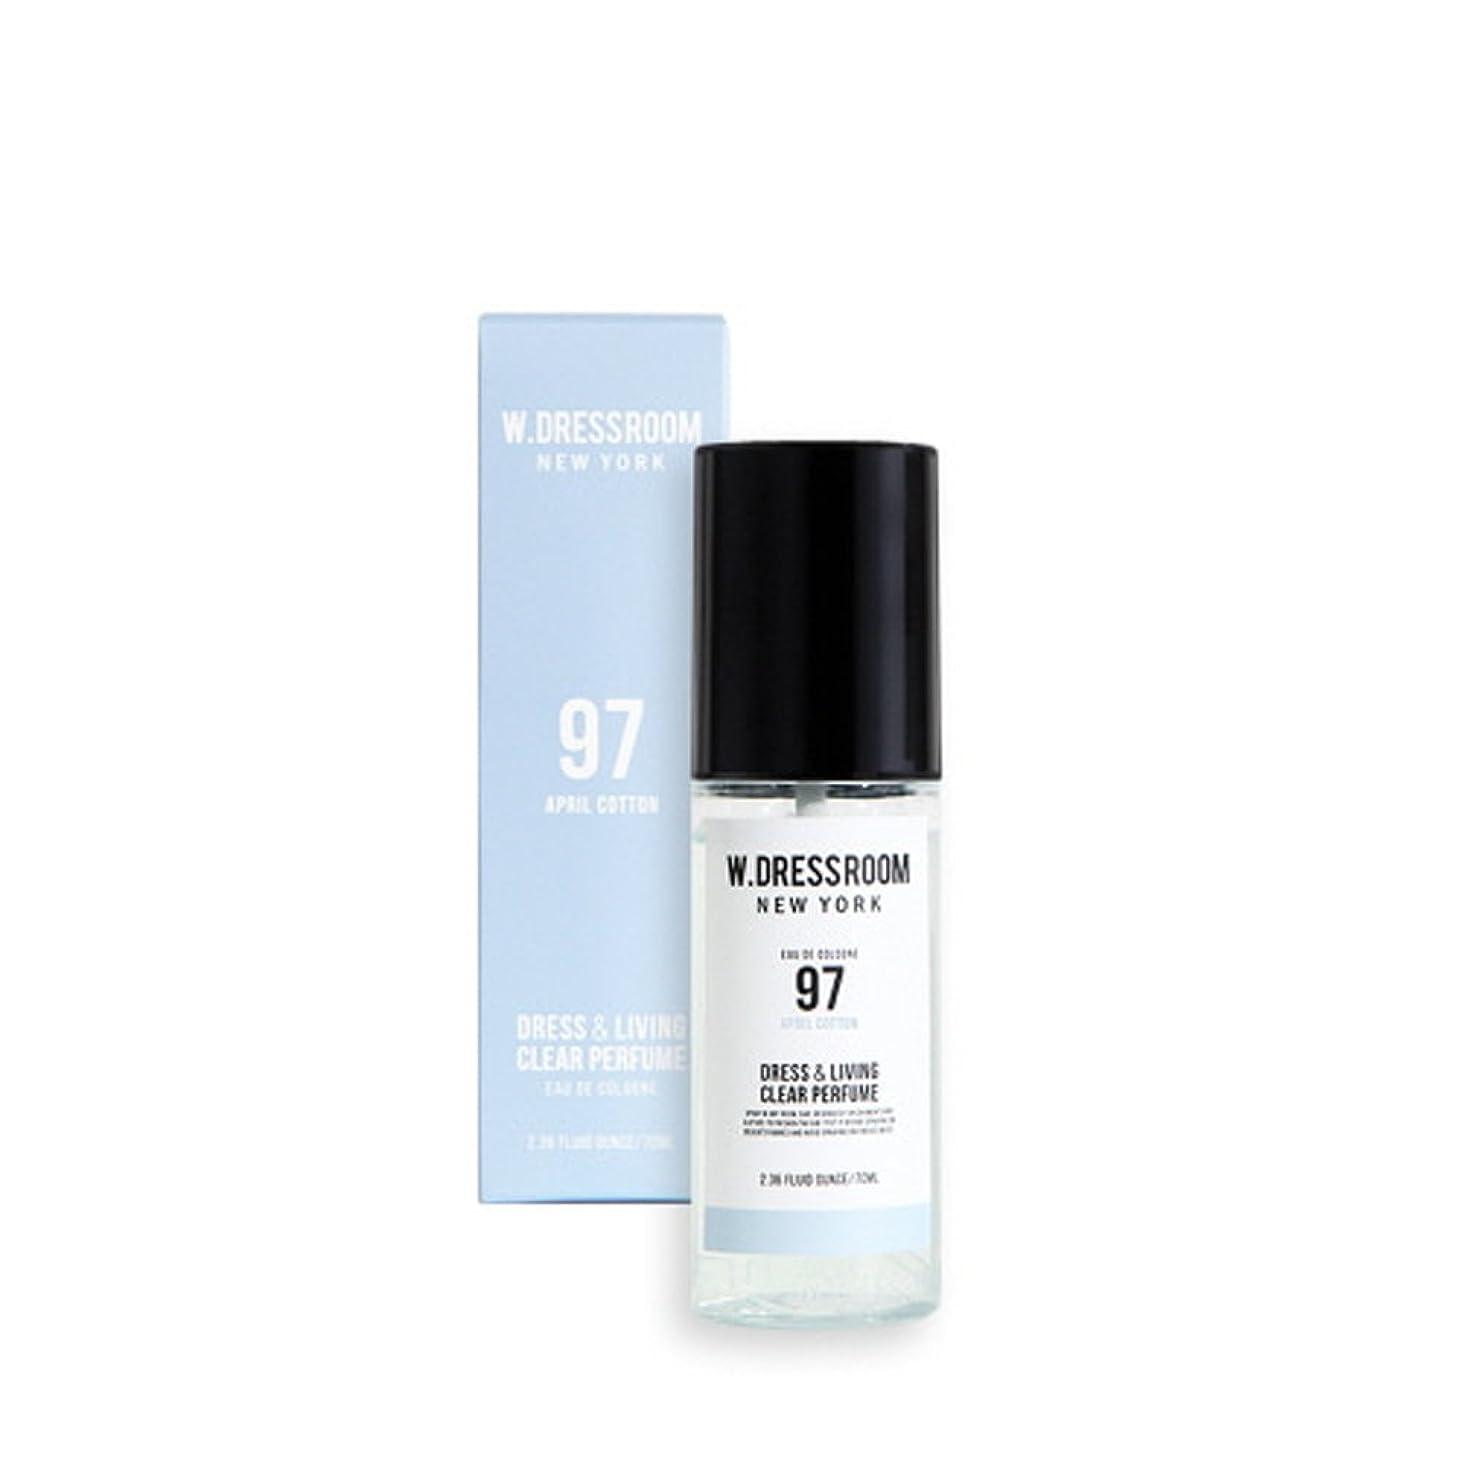 はげ穏やかな民間W.DRESSROOM Dress & Living Clear Perfume 70ml (#No.97 April Cotton)/ダブルドレスルーム ドレス&リビング クリア パフューム 70ml (#No.97 April Cotton) [並行輸入品]